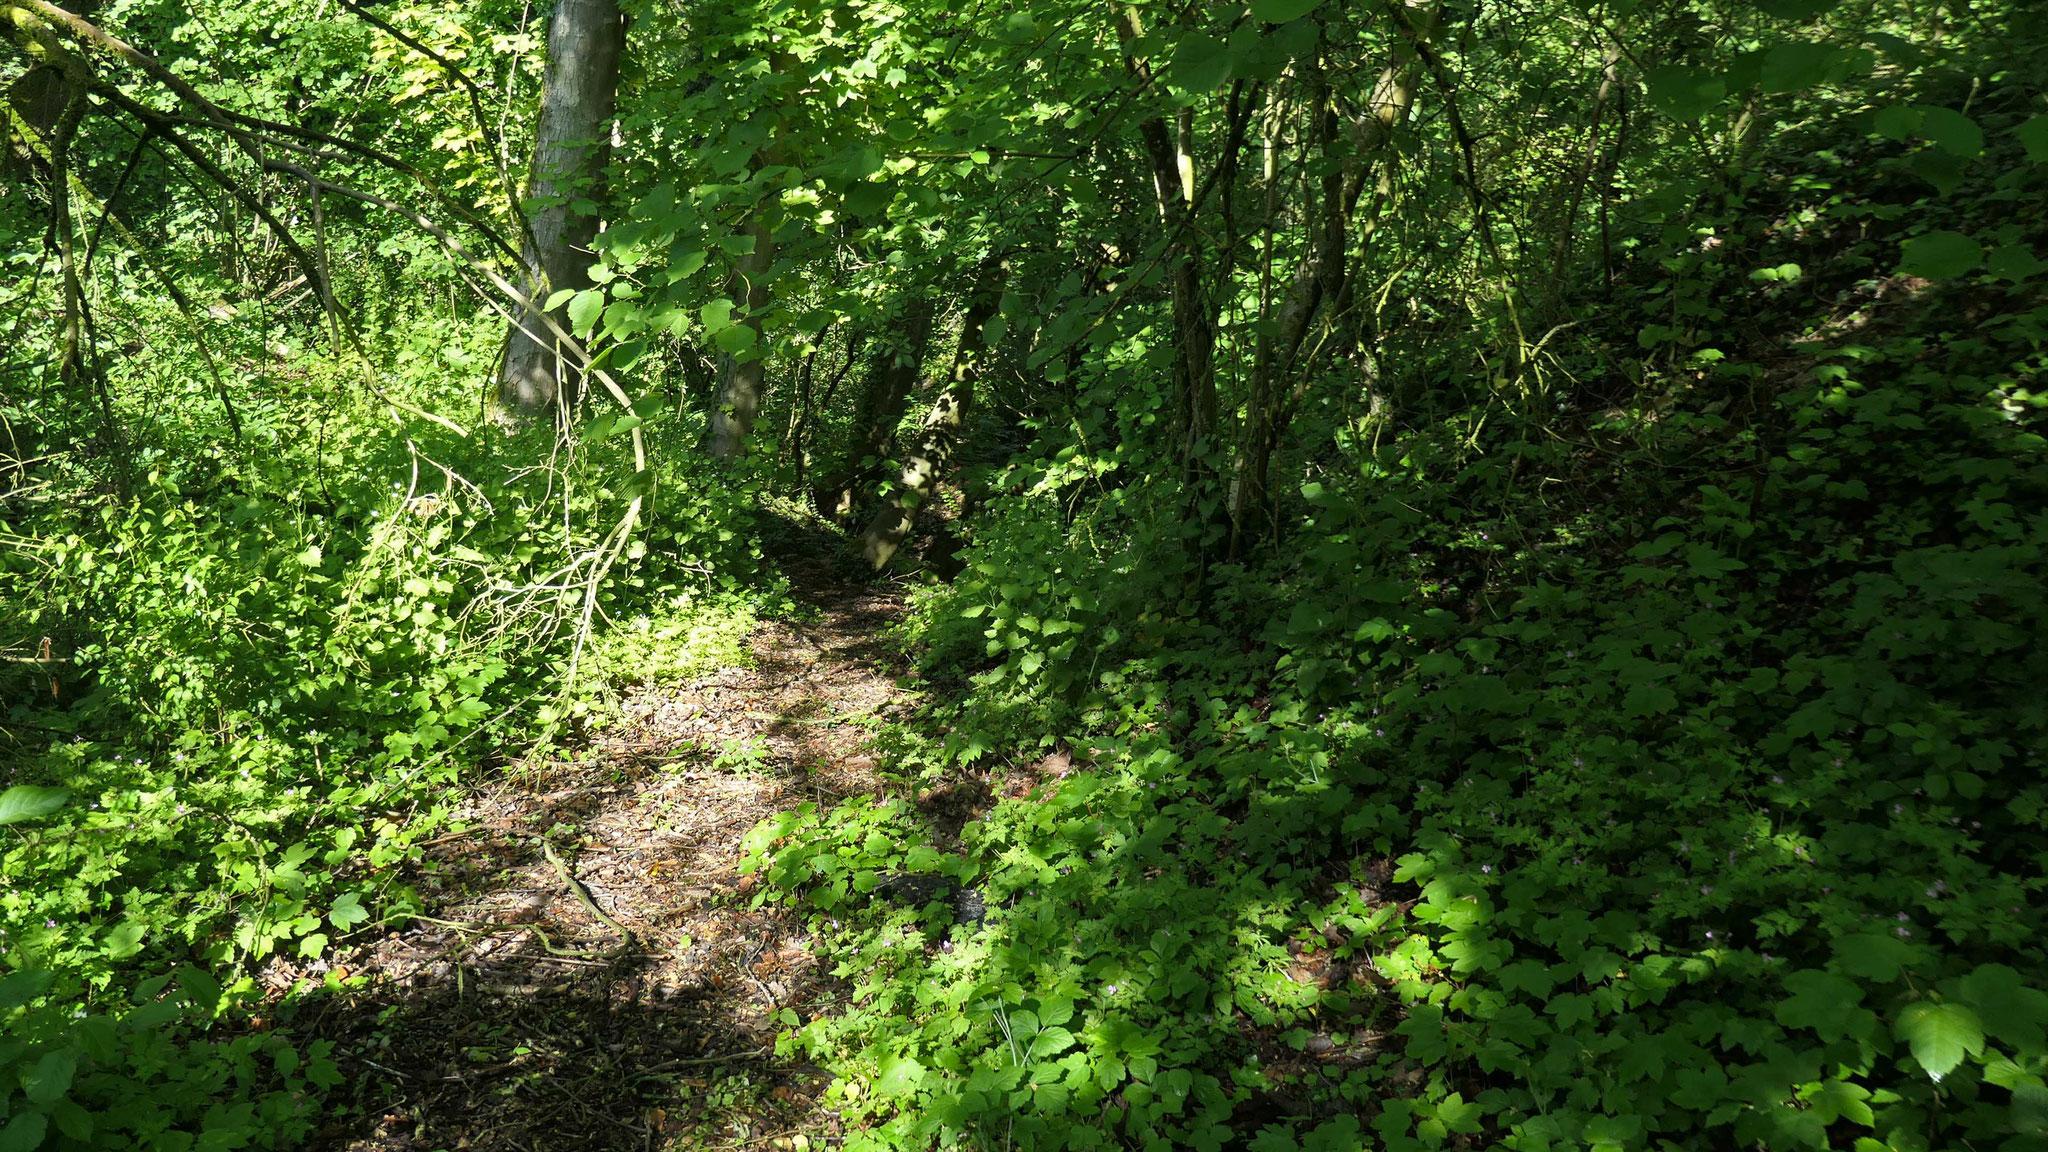 Einstieg zur Birkenwald-Klinge (nördlicher Teil des Birkenwald-Rundwegs, siehe Tafel 10)